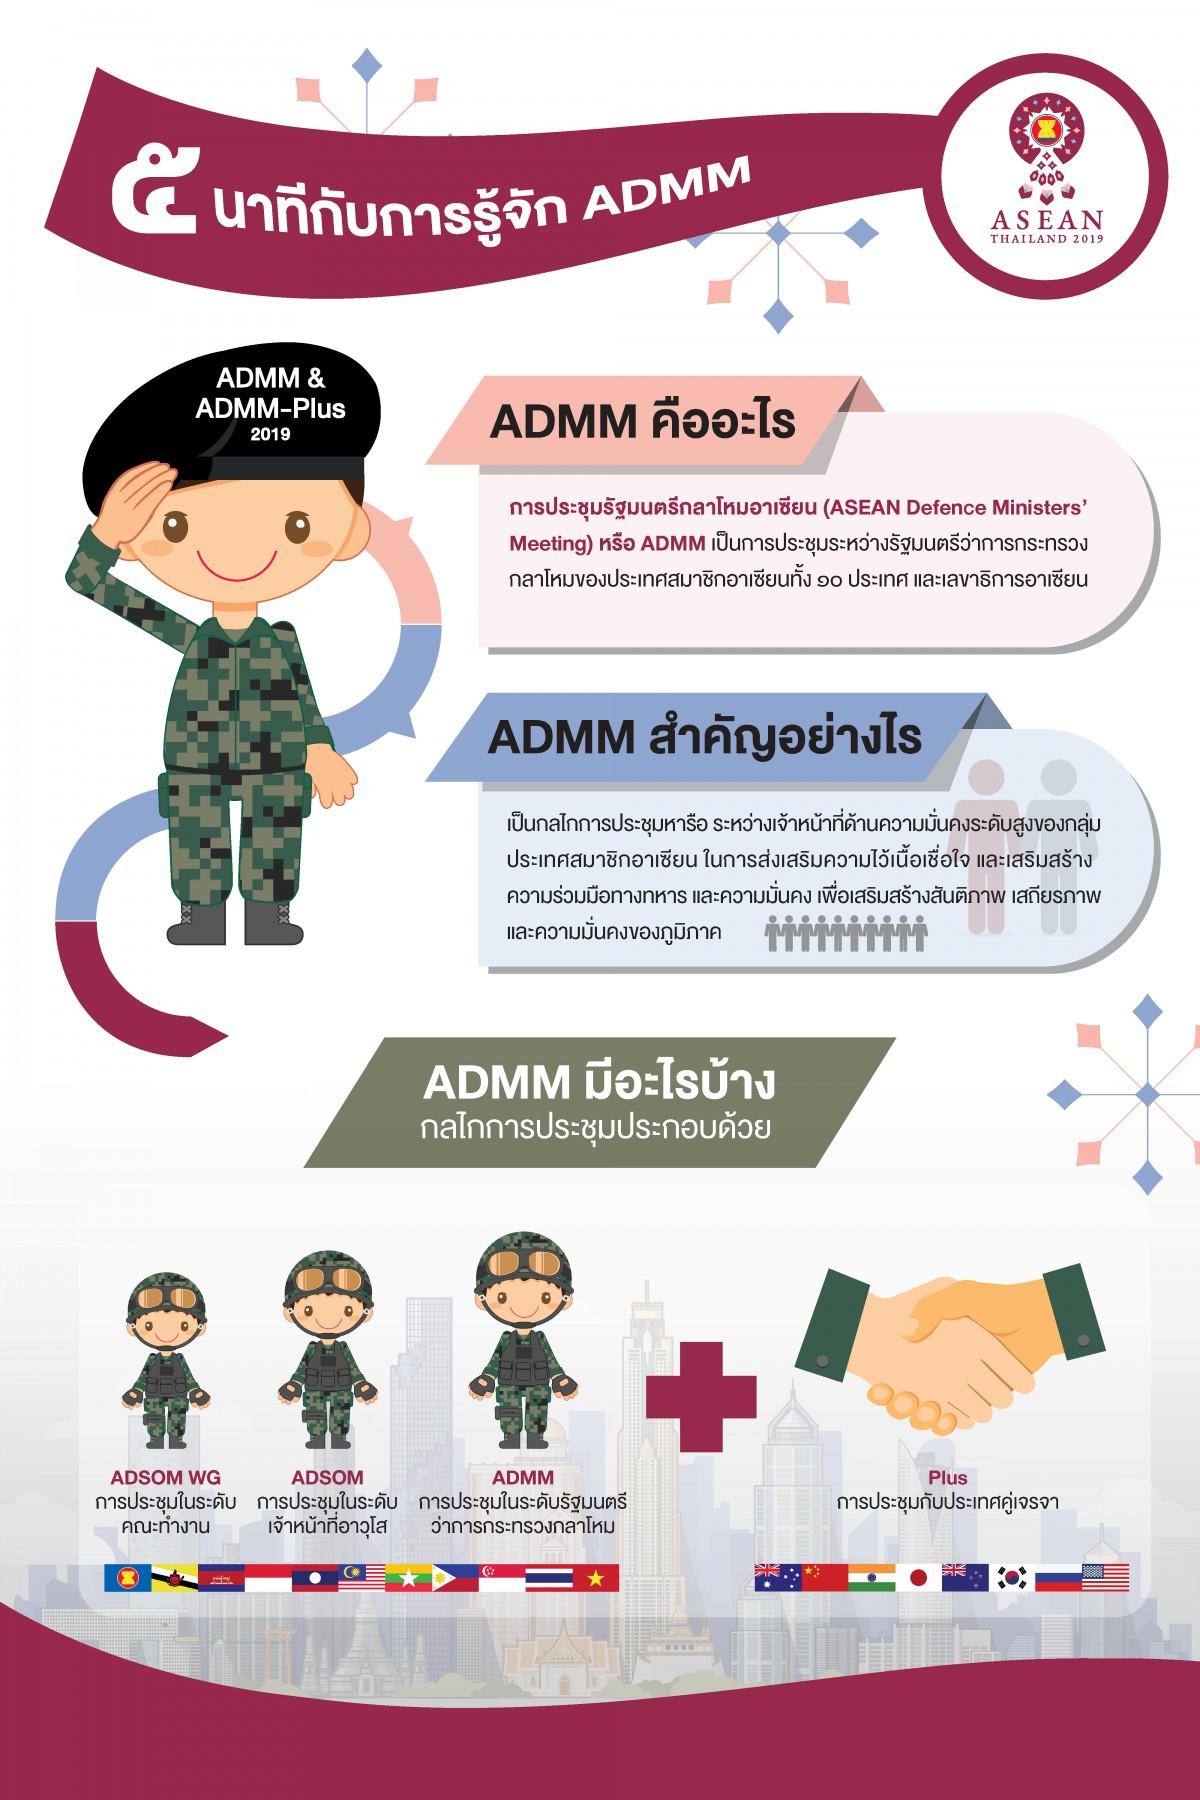 กระทรวงกลาโหมขอชวนเชิญประชาชนชาวไทยร่วมกันเป็นเจ้าภาพที่ดี เพื่อต้อนรับตัวแทนประเทศ สมาชิกอาเซียน และประเทศคู่เจรจา ตลอดปี ๒๕๖๒